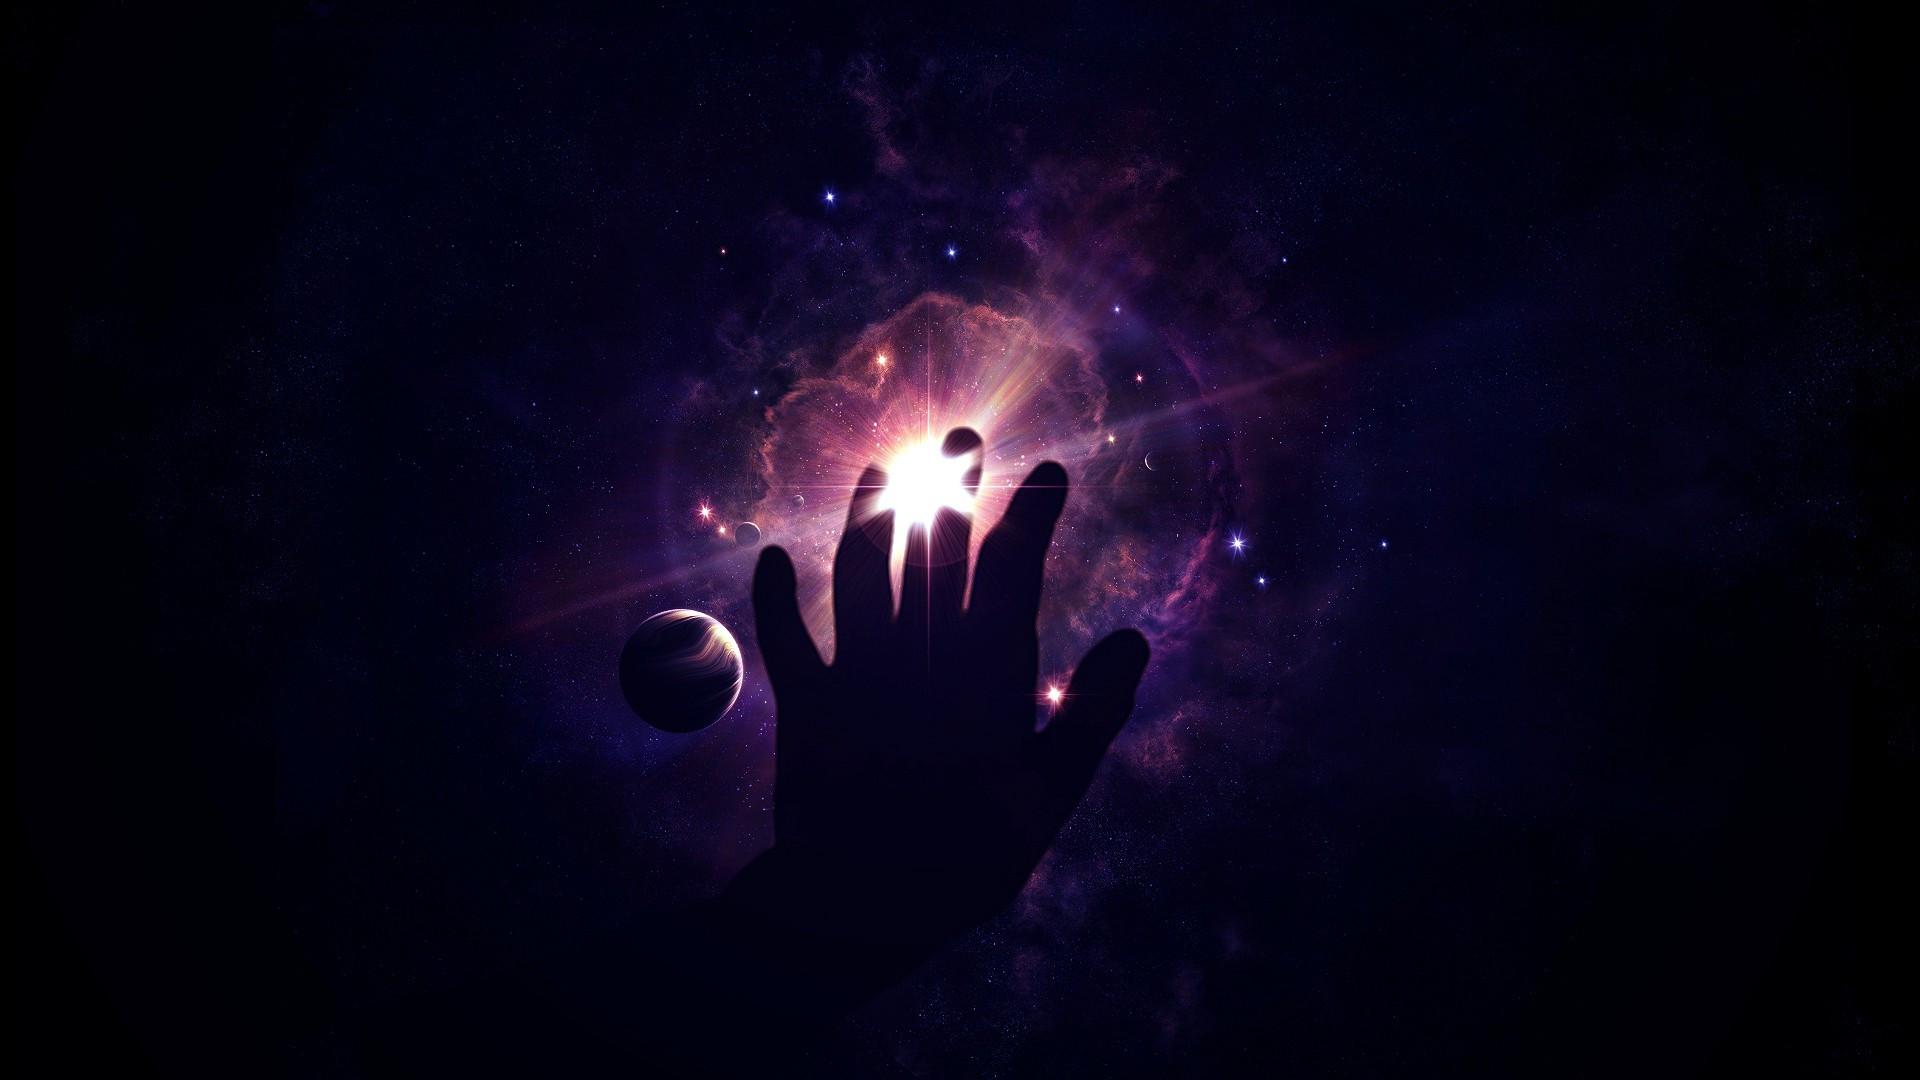 Το Σύμπαν δε συνωμοτεί πάντα για να πετύχεις τα θέλω σου